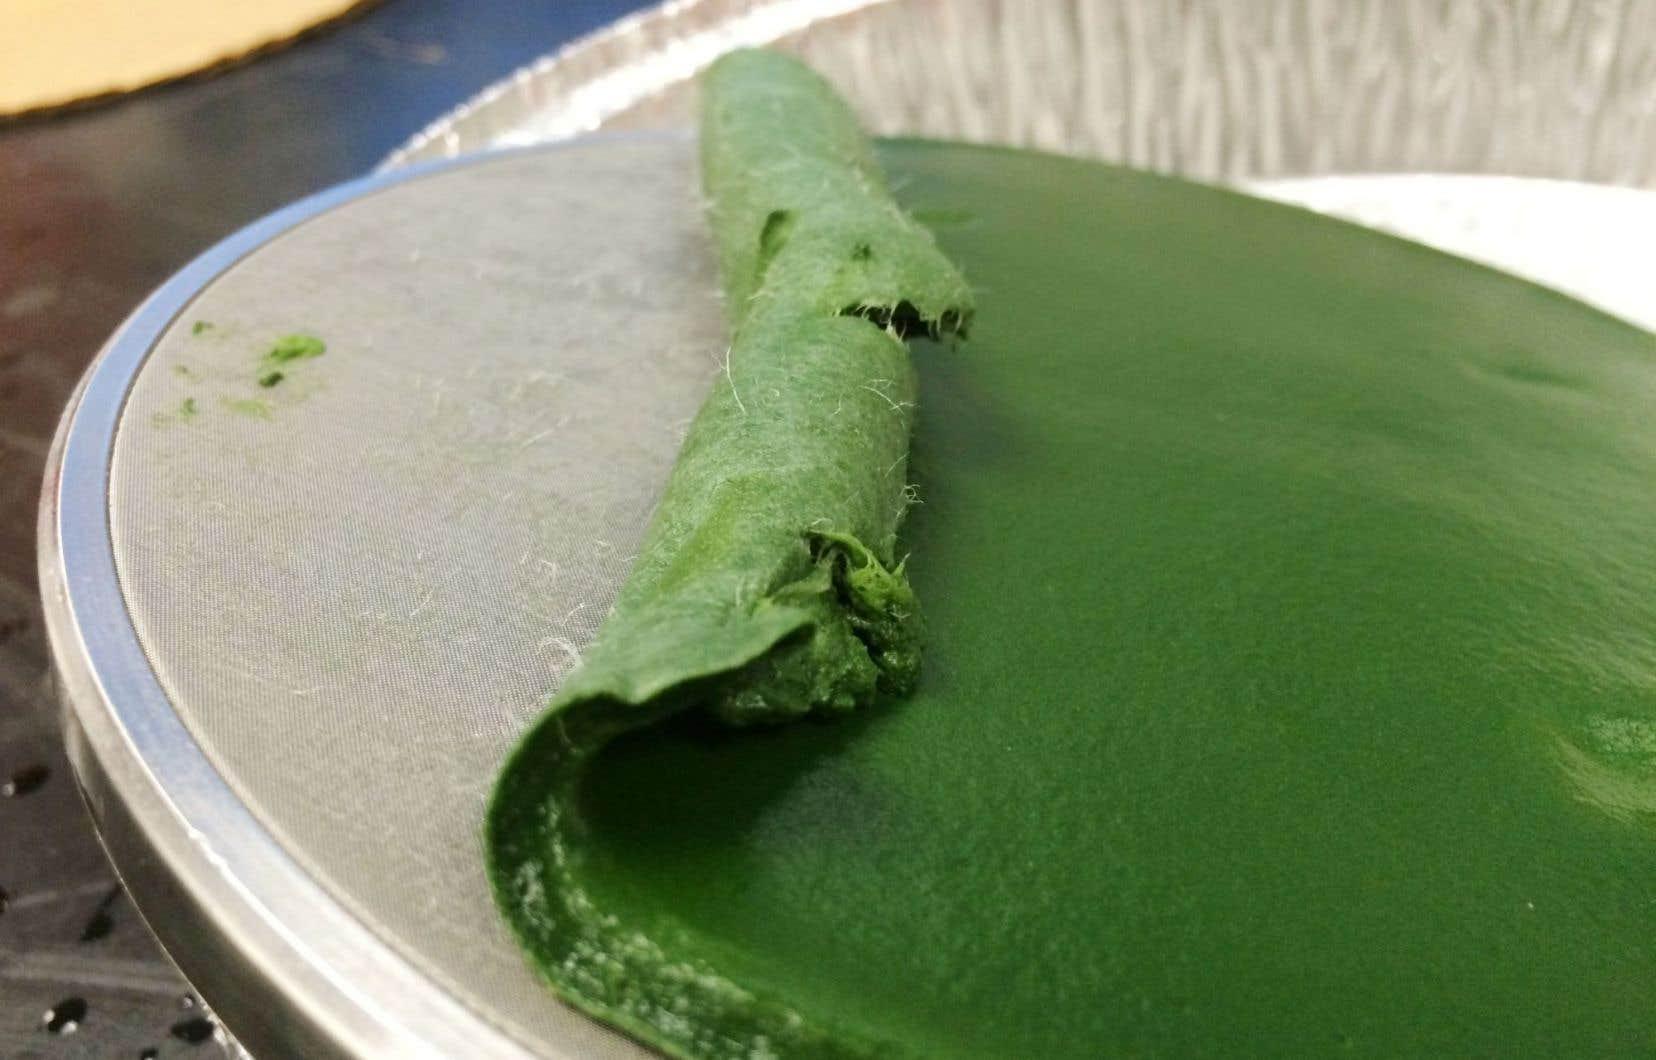 «Nous produisons quelques kilos d'algues par an en laboratoire, mais il faudrait en produire mille tonnes par an» pour un des sites sur lesquels il travaille, explique le chercheur Simon Barnabé.